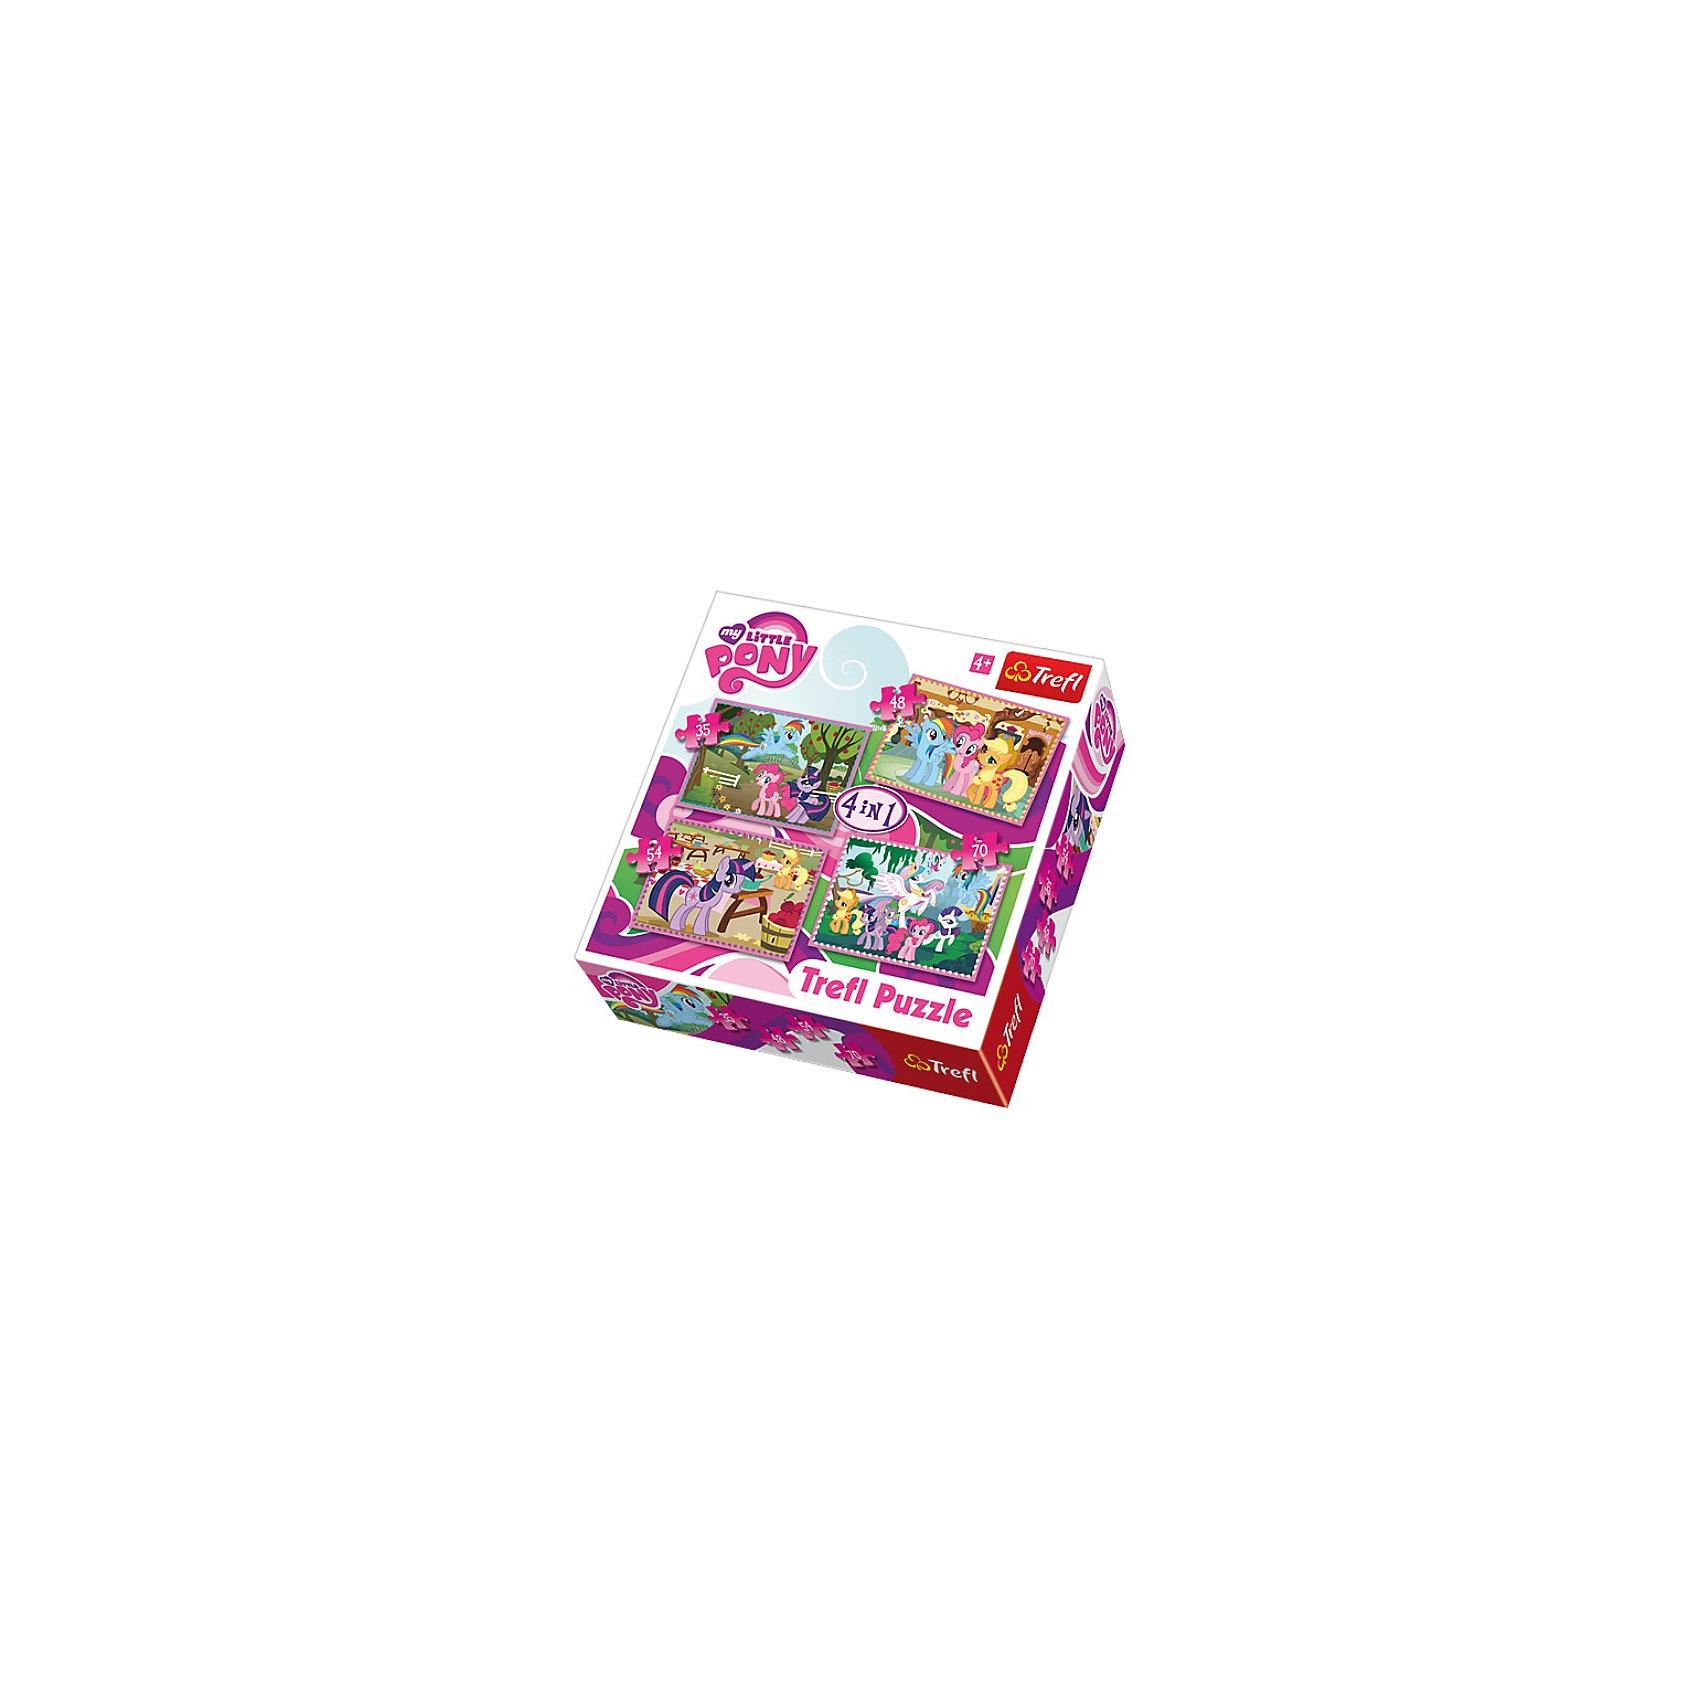 Набор пазлов 4 в 1 Пони на прогулке, 35*48*54*70 деталей, TreflMy little Pony<br>Характеристики товара:<br><br>• возраст от 4 лет;<br>• материал: картон;<br>• в комплекте: 1 пазл из 35 элементов, 1 пазл из 48 элементов, 1 пазл из 54 элементов, 1 пазл из 70 элементов;<br>• размер пазла 15х12 см;<br>• размер упаковки 28х28х6 см;<br>• вес упаковки 560 гр.;<br>• страна производитель: Польша.<br><br>Набор пазлов 4 в 1 «Пони на прогулке» Trefl создан по мотивам известного мультфильма «My Little Pony» и обязательно понравится его поклоннице. В наборе сразу 4 пазла с любимыми персонажами. Все элементы сделаны из качественного плотного картона, безопасного для детей. В процессе сборки у детей развиваются логическое мышление, усидчивость, моторика рук.<br><br>Набор пазлов 4 в 1 «Пони на прогулке» Trefl можно приобрести в нашем интернет-магазине.<br><br>Ширина мм: 285<br>Глубина мм: 286<br>Высота мм: 66<br>Вес г: 562<br>Возраст от месяцев: 60<br>Возраст до месяцев: 96<br>Пол: Женский<br>Возраст: Детский<br>Количество деталей: 35<br>SKU: 3306028